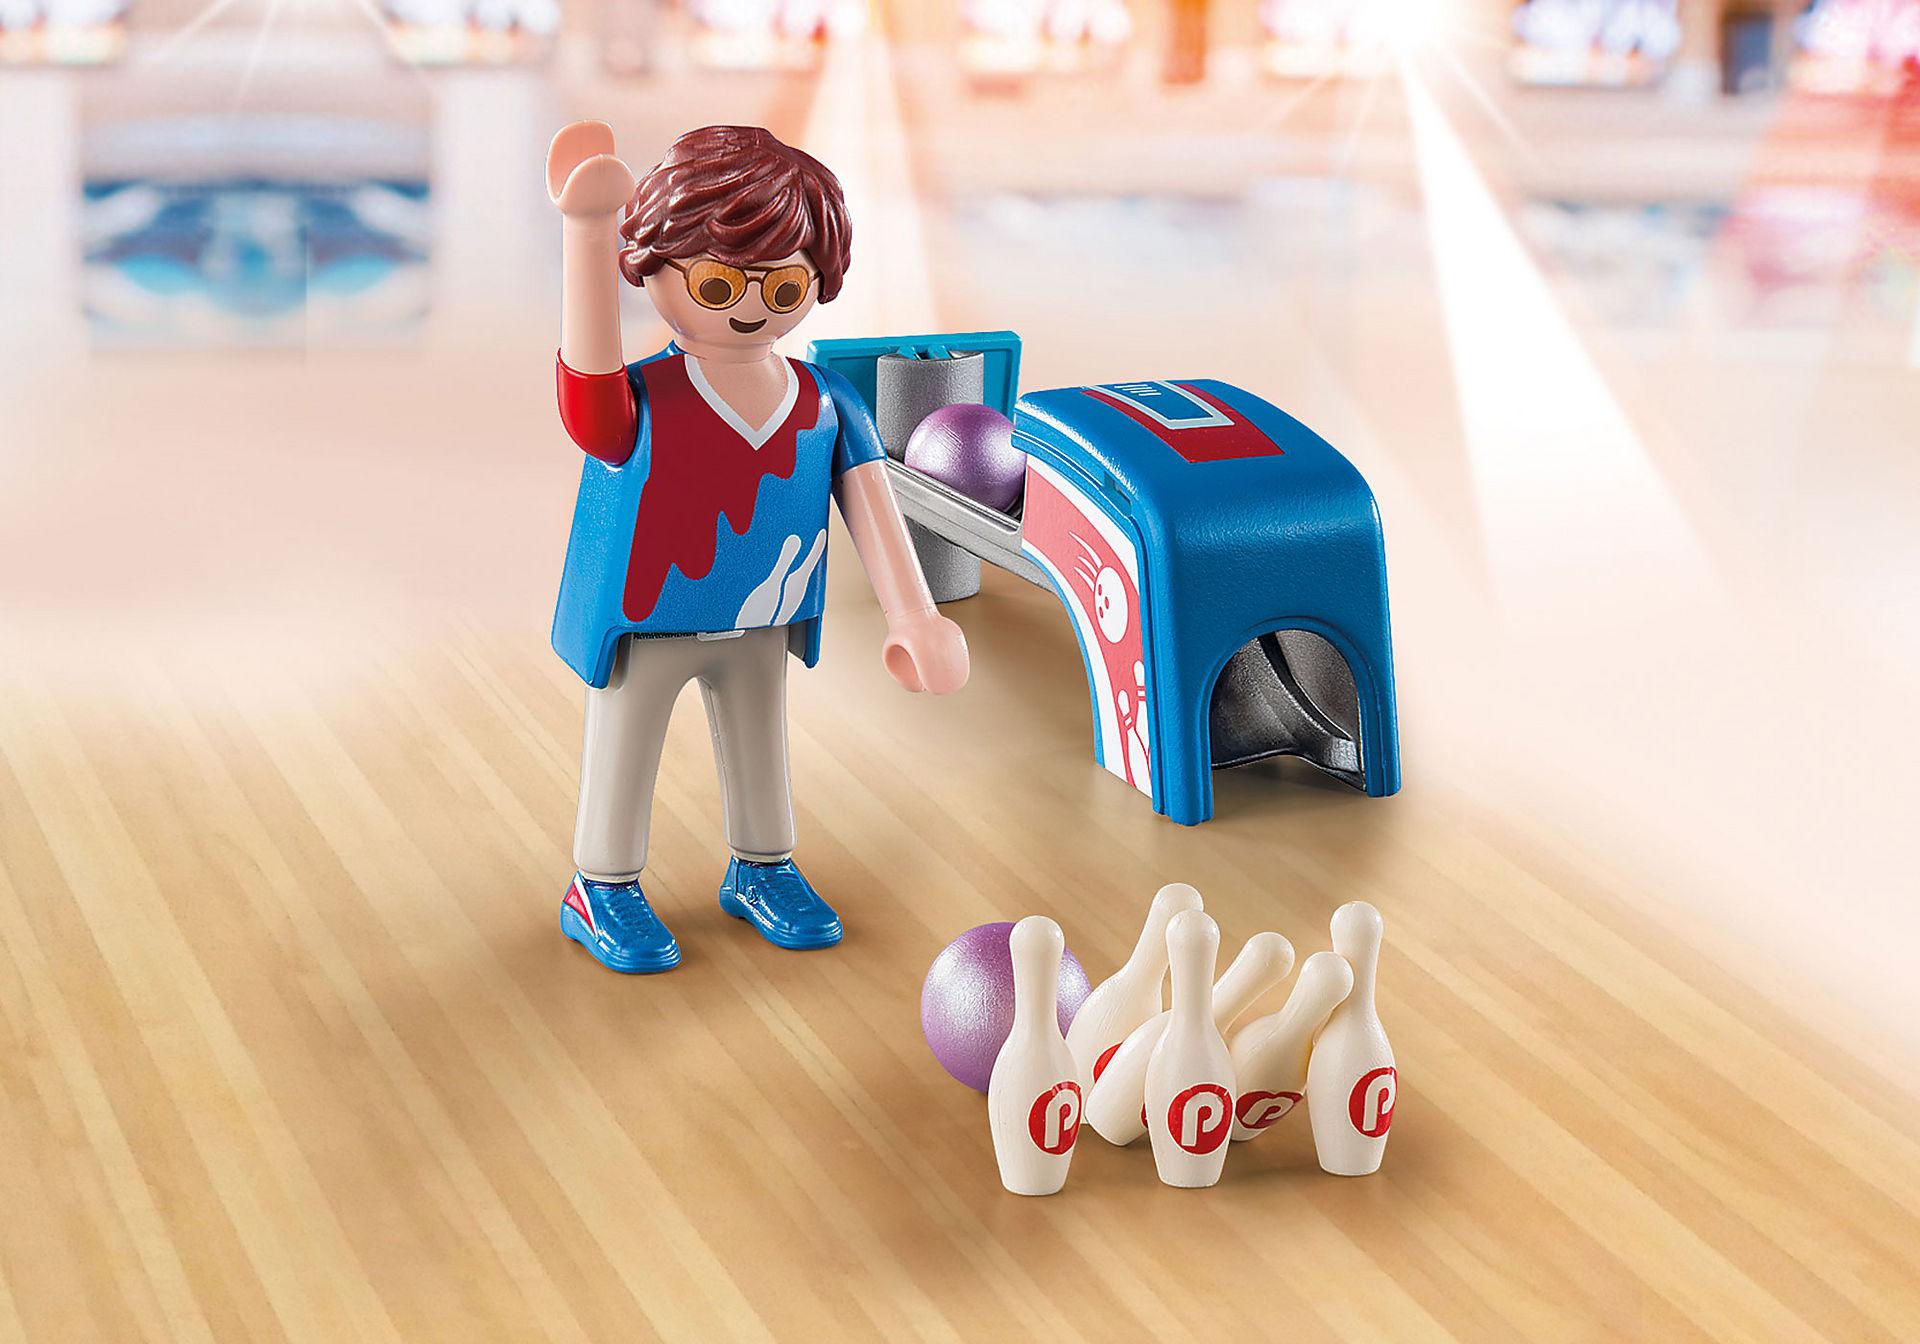 9440 Bowling-spiller zoom image1